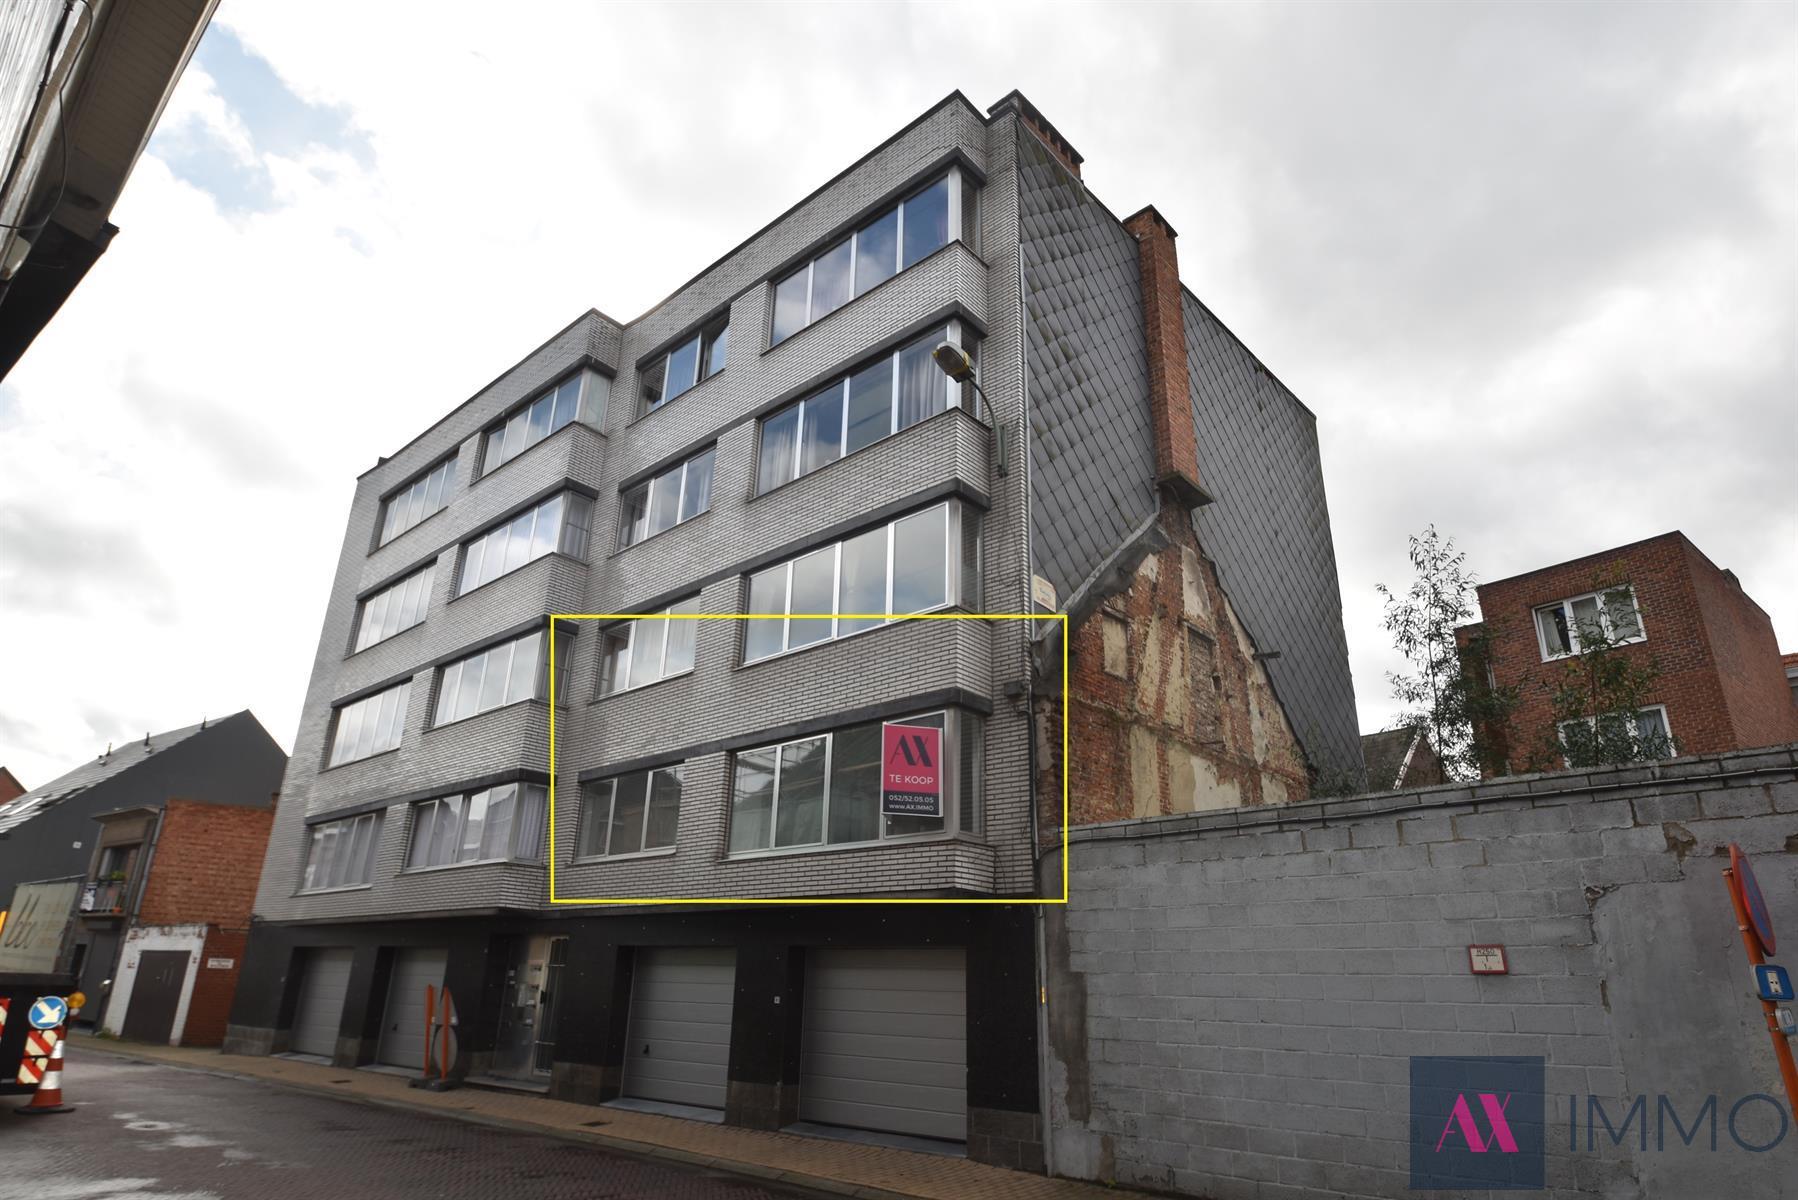 Centraal gelegen, gerenoveerd 3 slpk.-appartement (+/- 100 m²) op de 1ste verdieping, met lift en mogelijkheid tot het huren van een overdekte staanplaats in de gemeenschappelijke garage